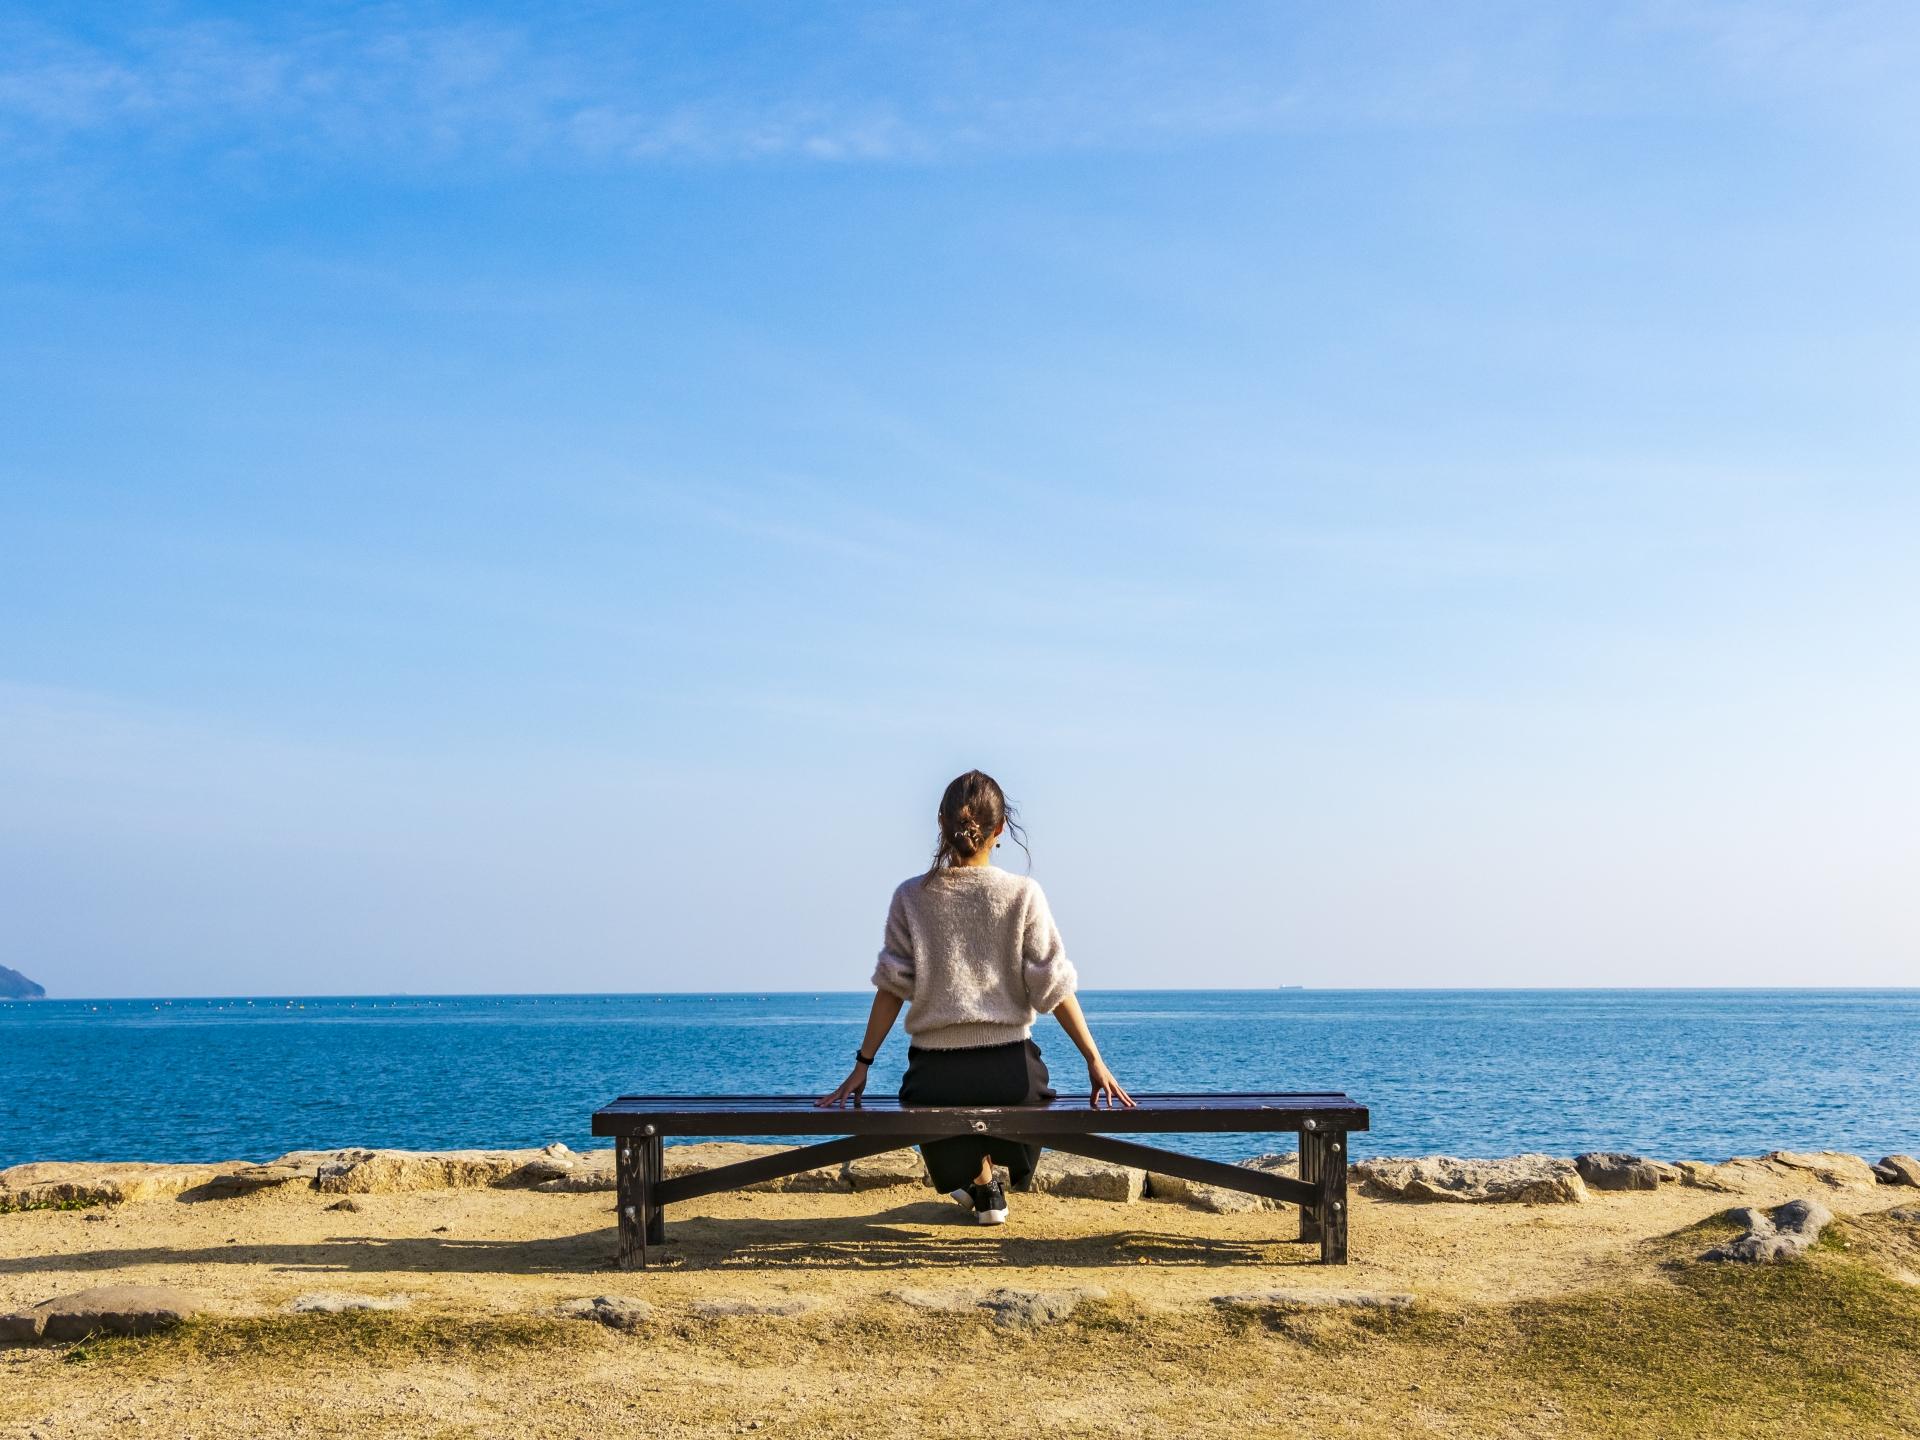 自然の中で休憩する女性